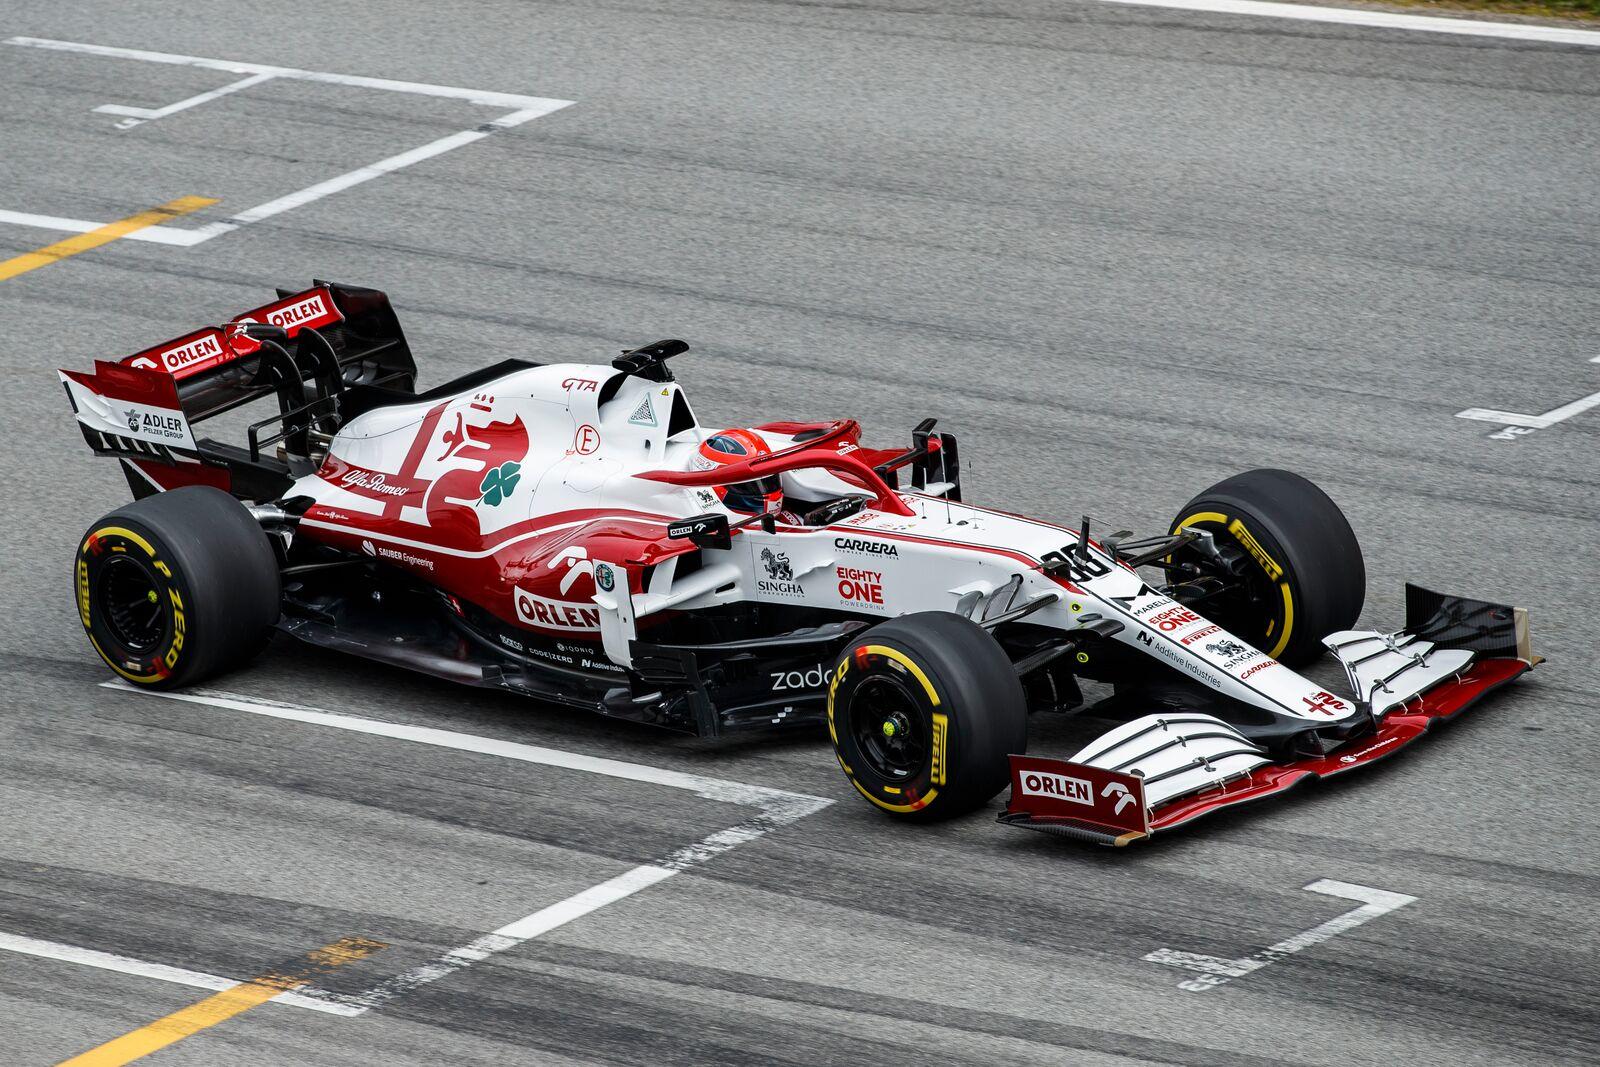 Így suhan el Kubica a barcelonai célegyenesben az új Alfával.<br /><br />Fotó:Xavi Bonilla / DPPI (Alfa Romeo Racing Media)<br /><br />